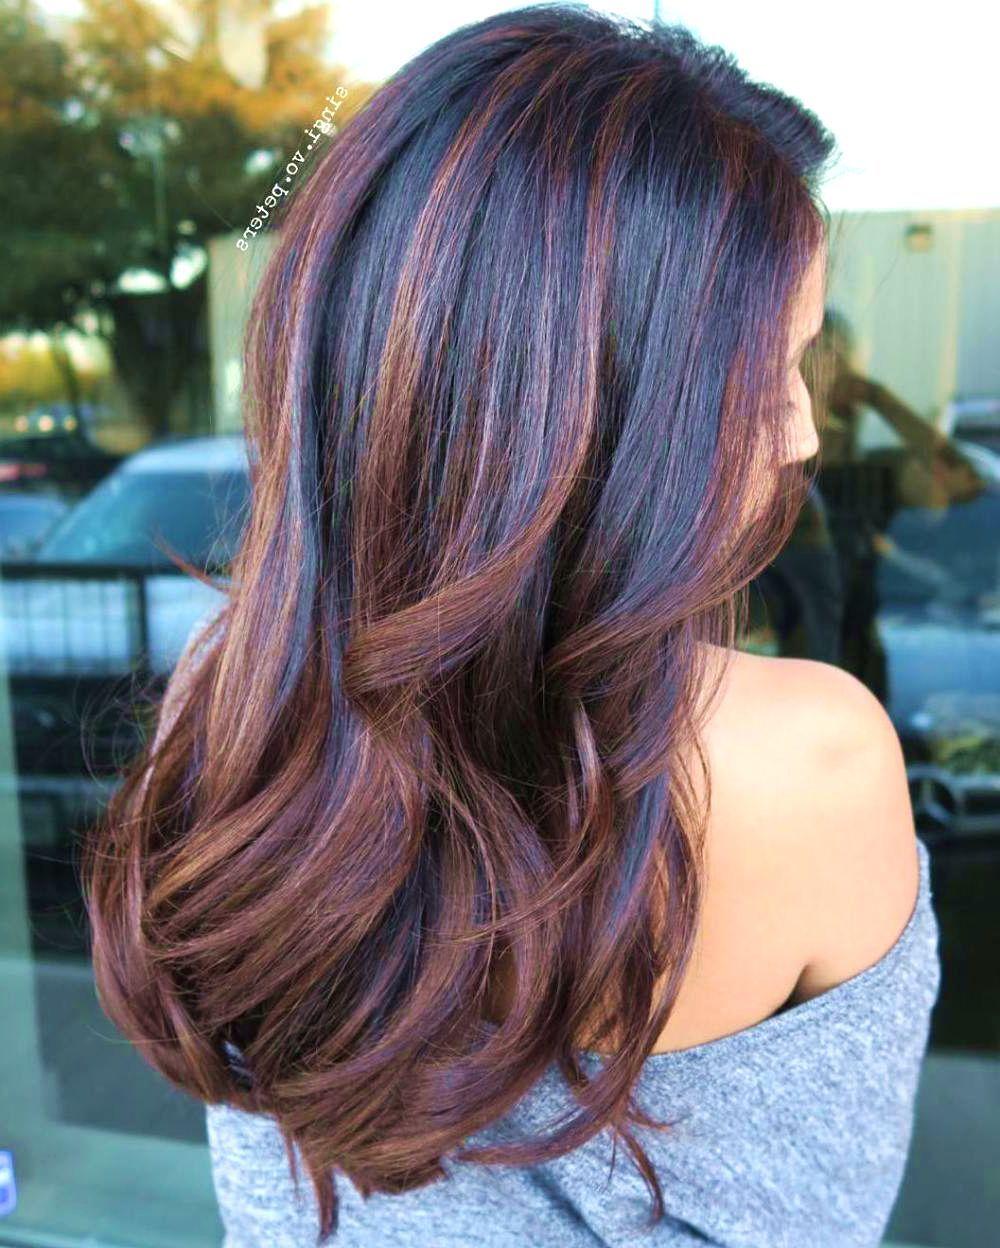 25 Subtle Hair Color Ideas For Brunettes Balayage Hair Hair Styles Hair Colour Design